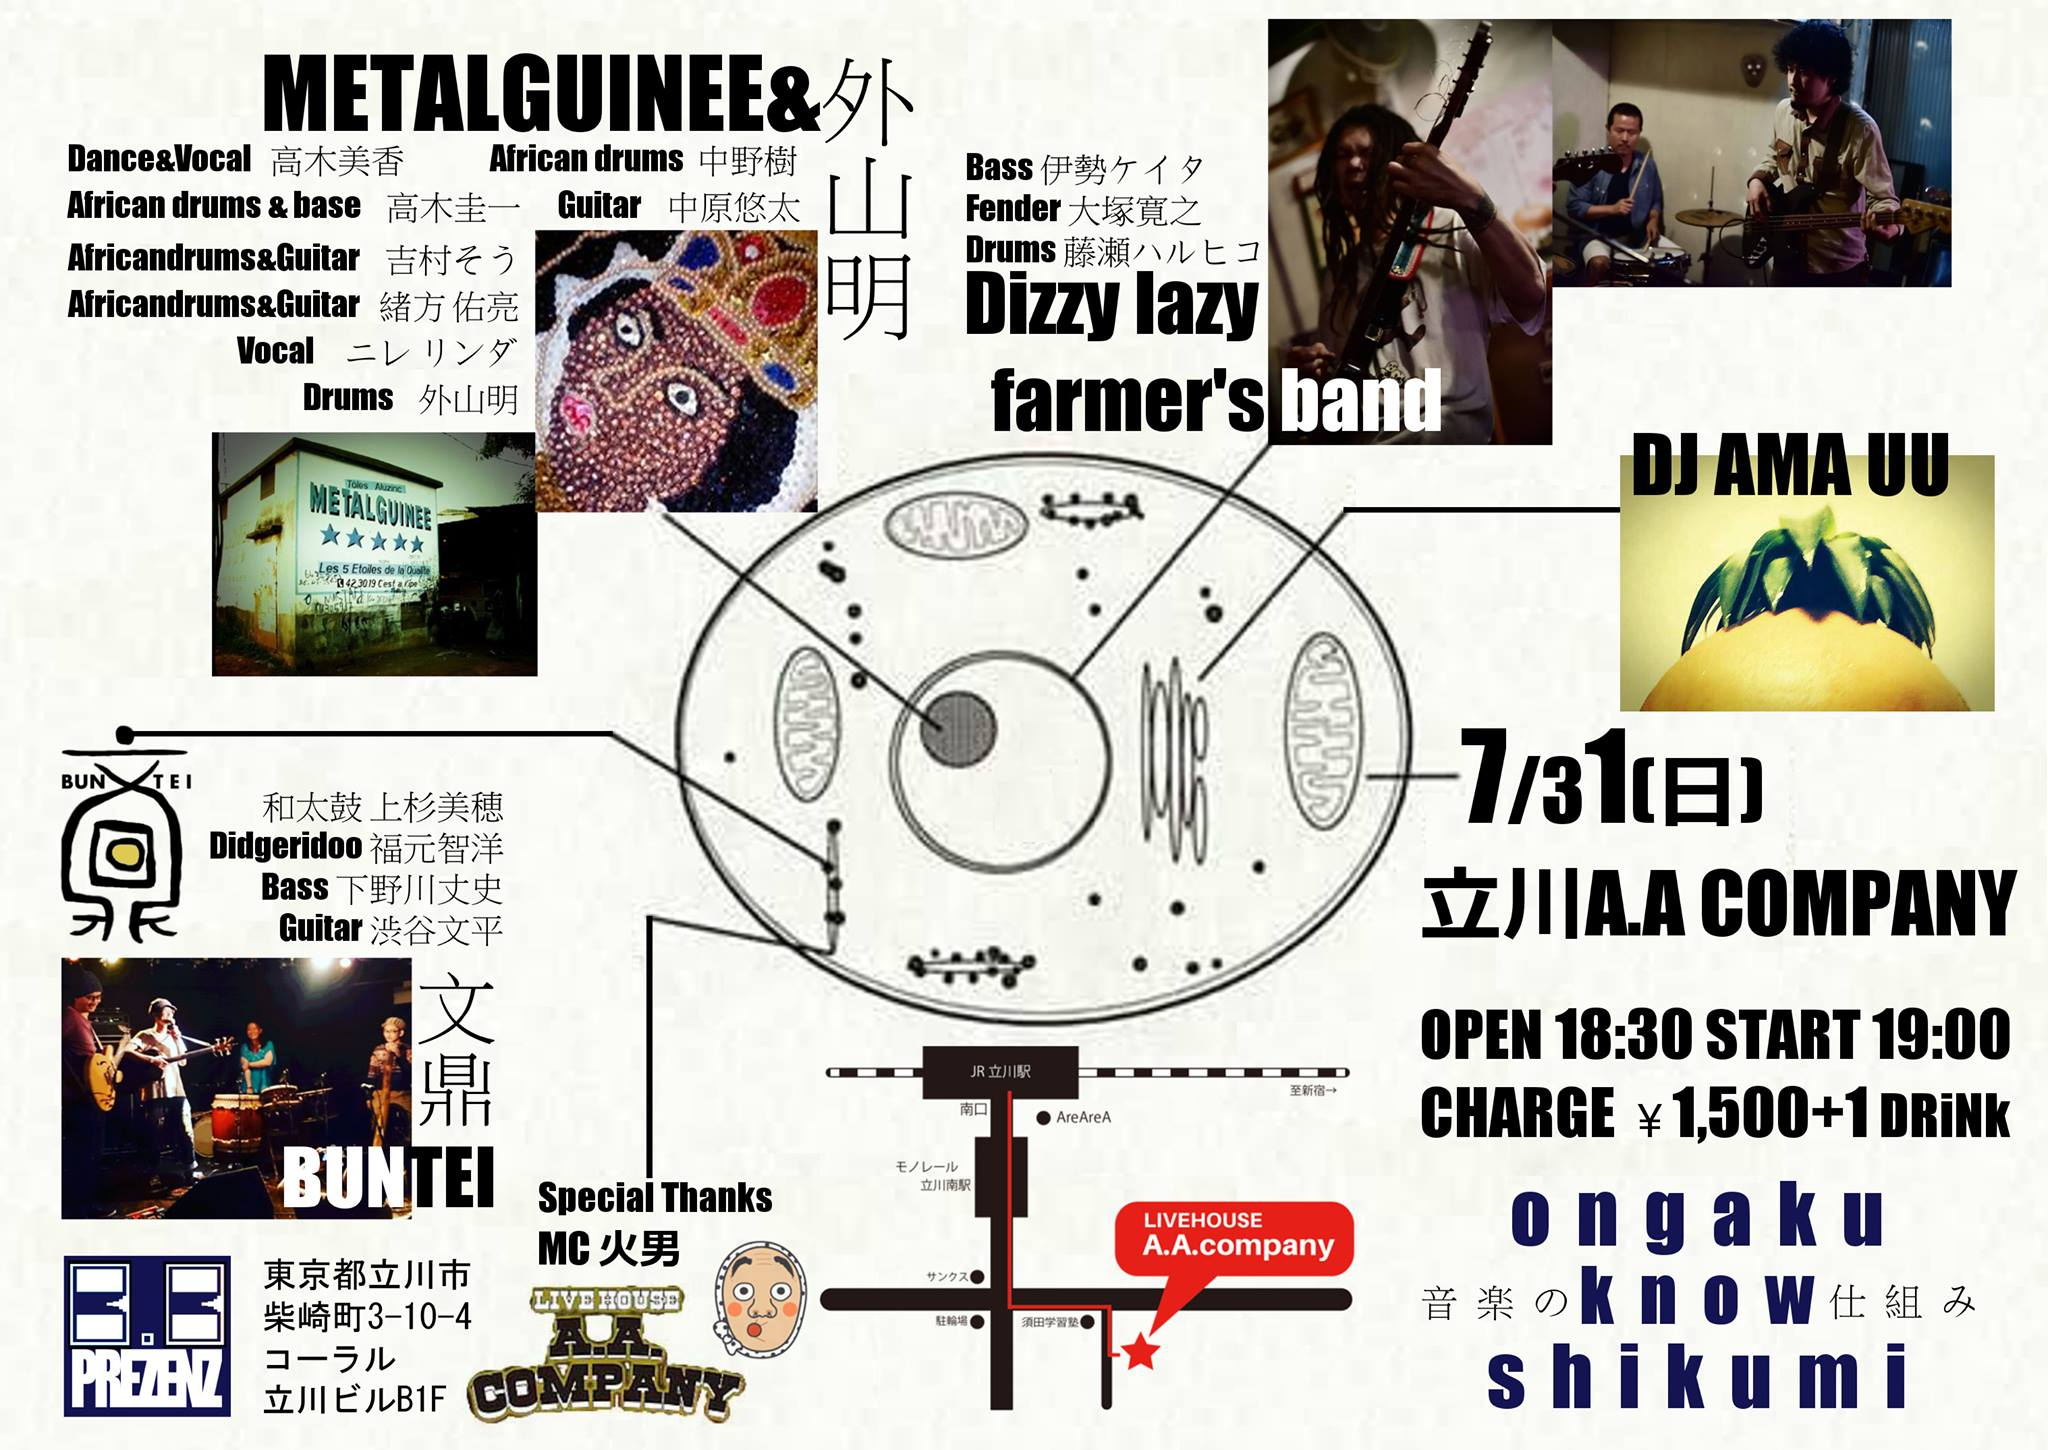 7/31@立川A.A.company Ongaku Know Shikumi~音楽の仕組み~